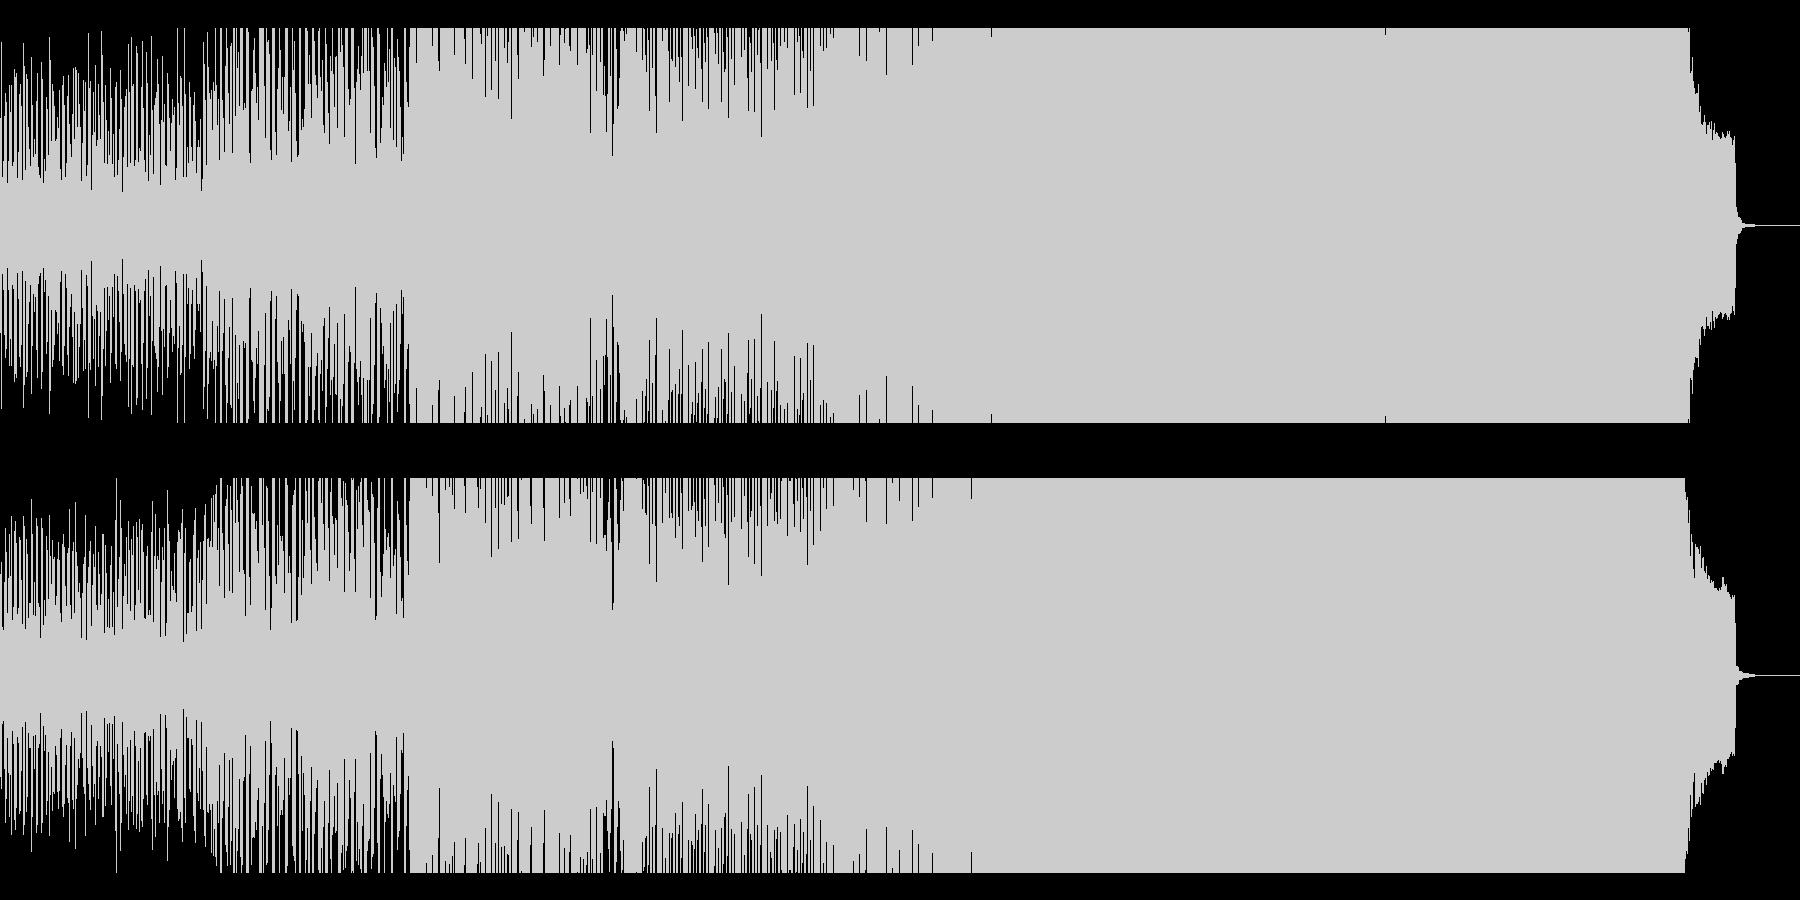 ハウス ダンス プログレッシブ 未...の未再生の波形